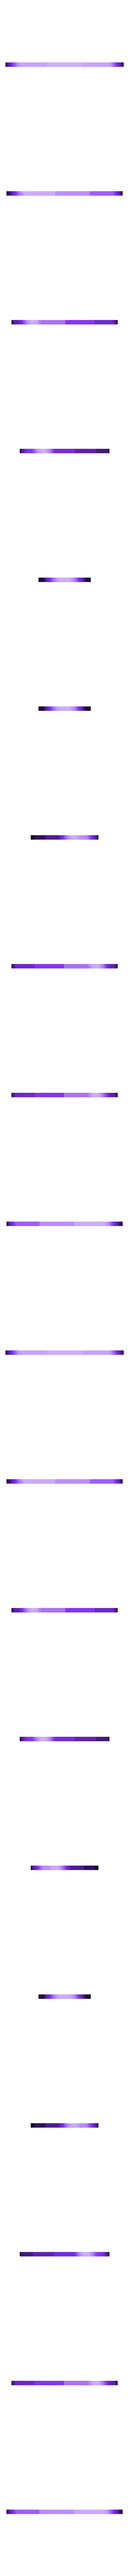 BLTouch_Spacer_1mm.STL Télécharger fichier STL gratuit Un support d'extrudeuse Stock-ish pour Anet A8 et Alike ! (Inclut la chaîne et la monture ou sans chaîne !) • Objet pour impression 3D, MorganLowe